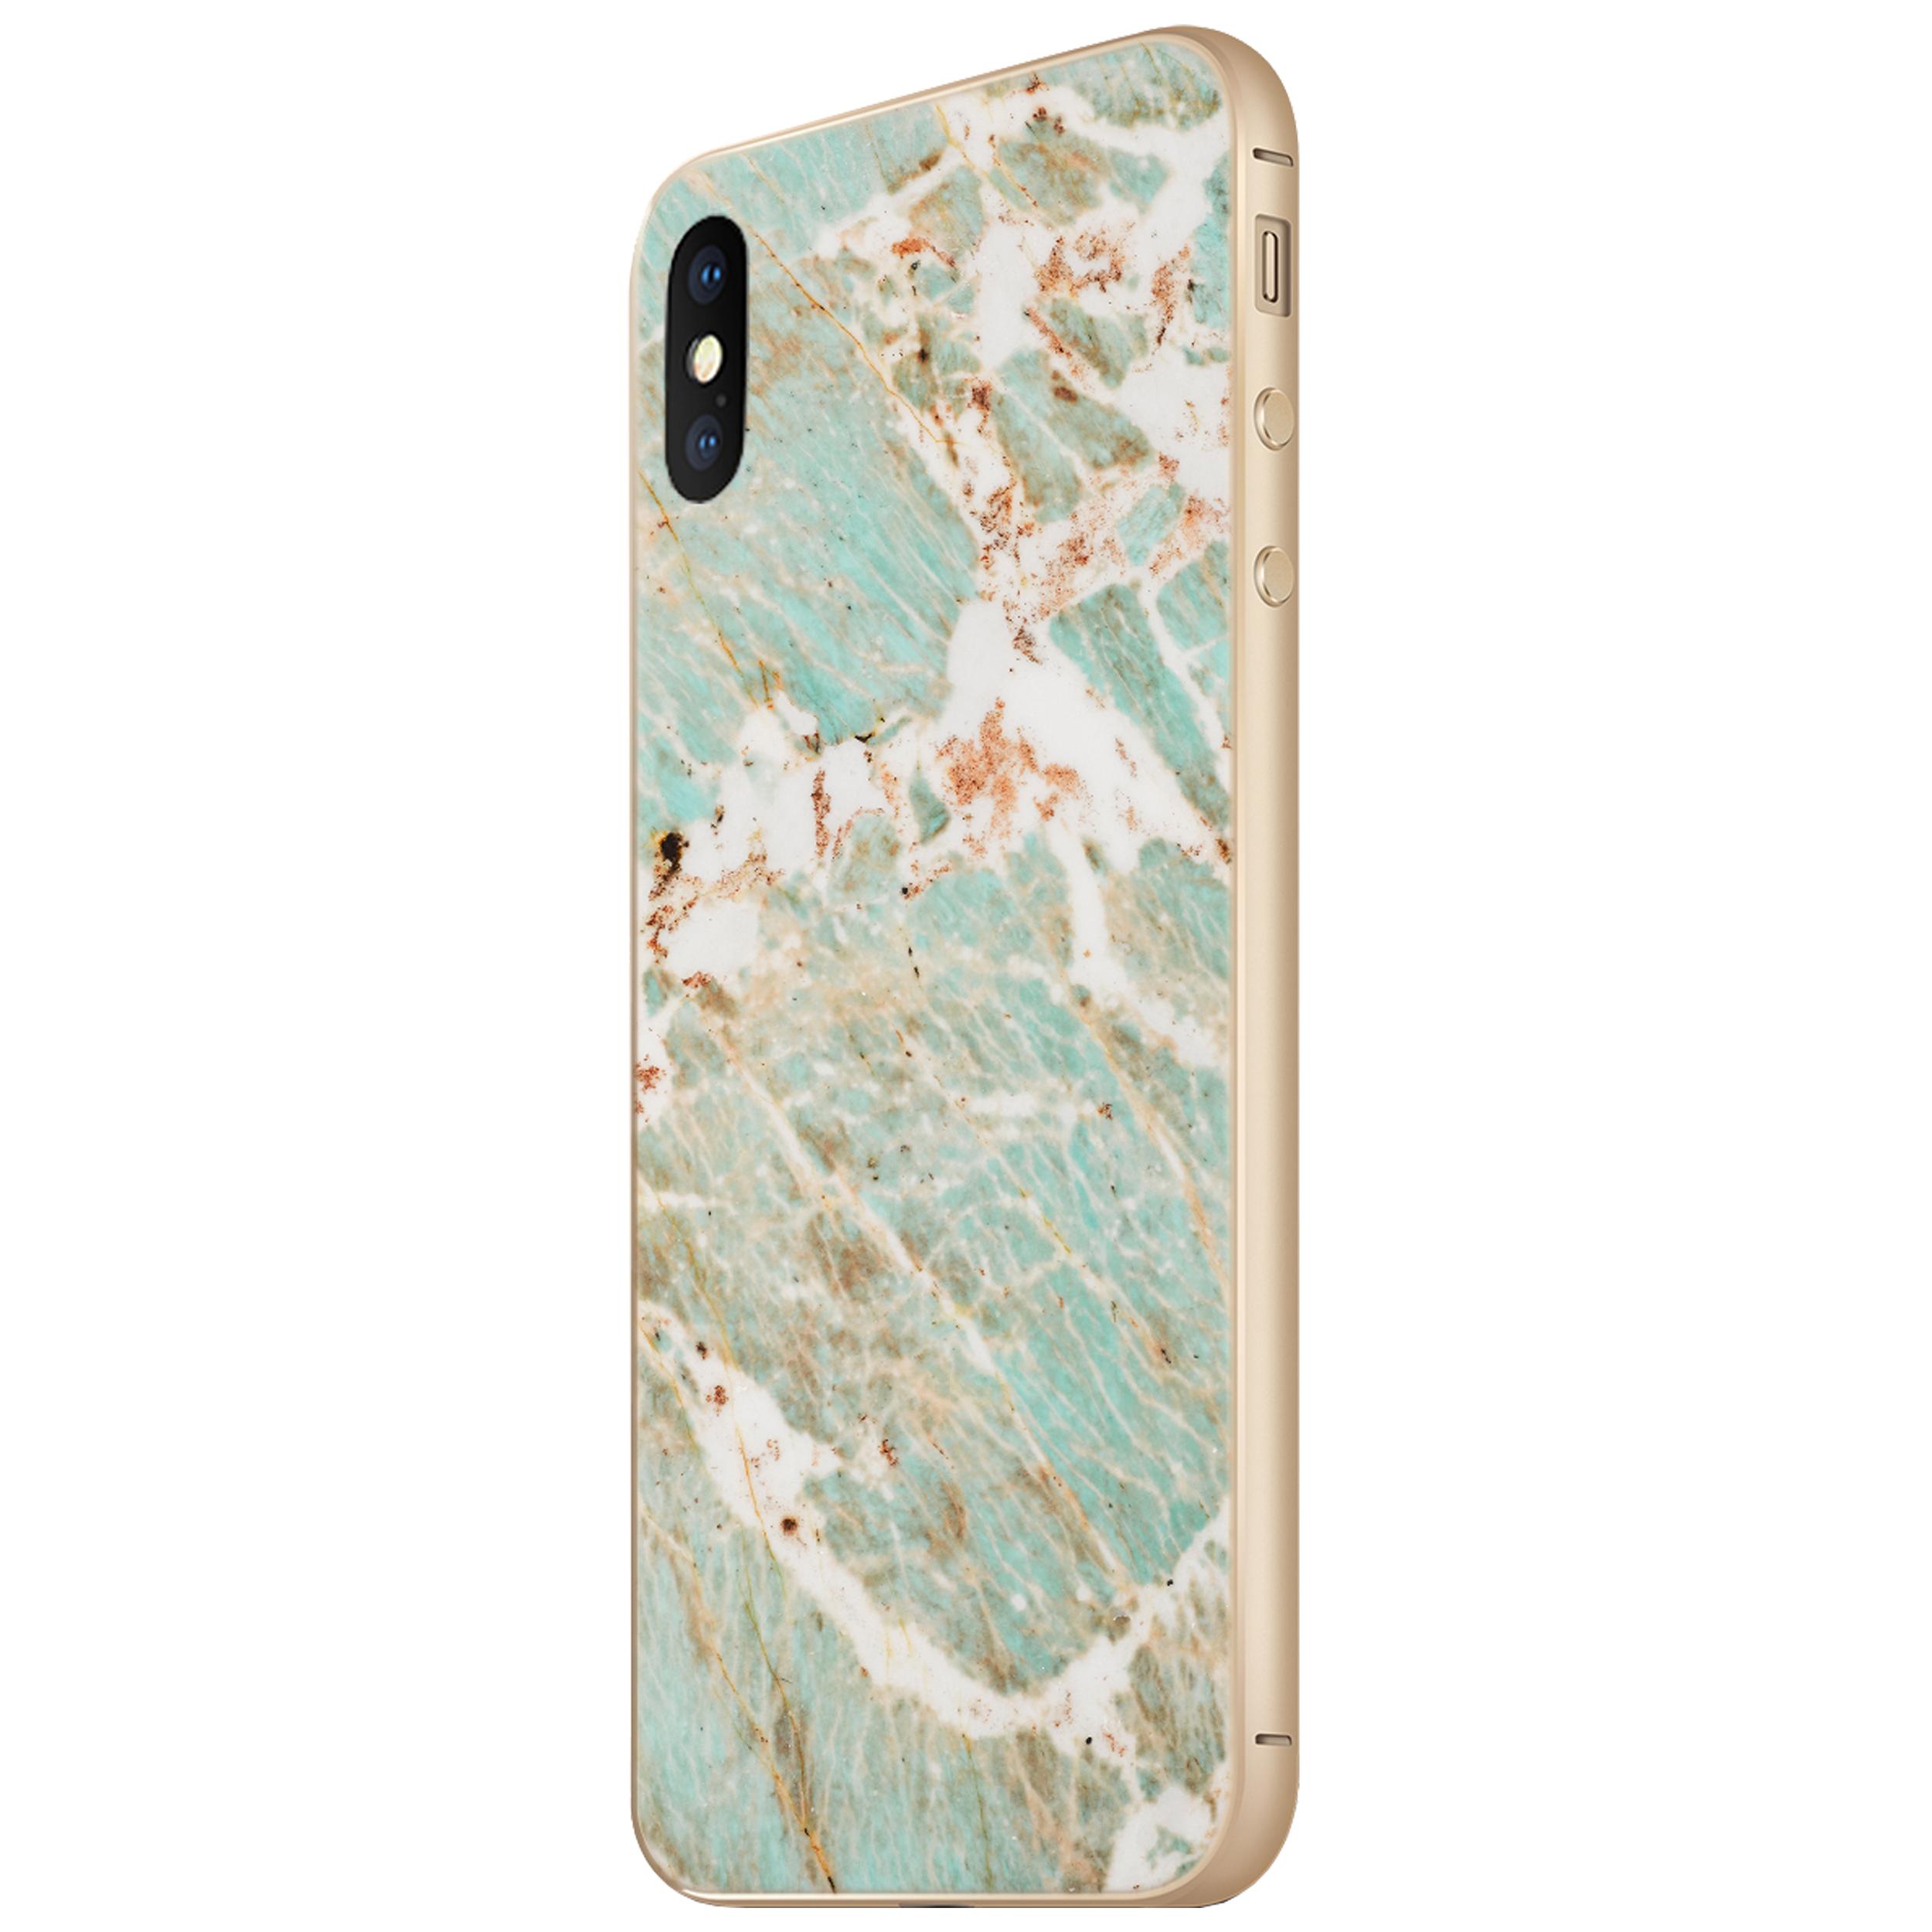 کاور راکسلین مدل Amazonite مناسب برای گوشی موبایل iPhone X/XS